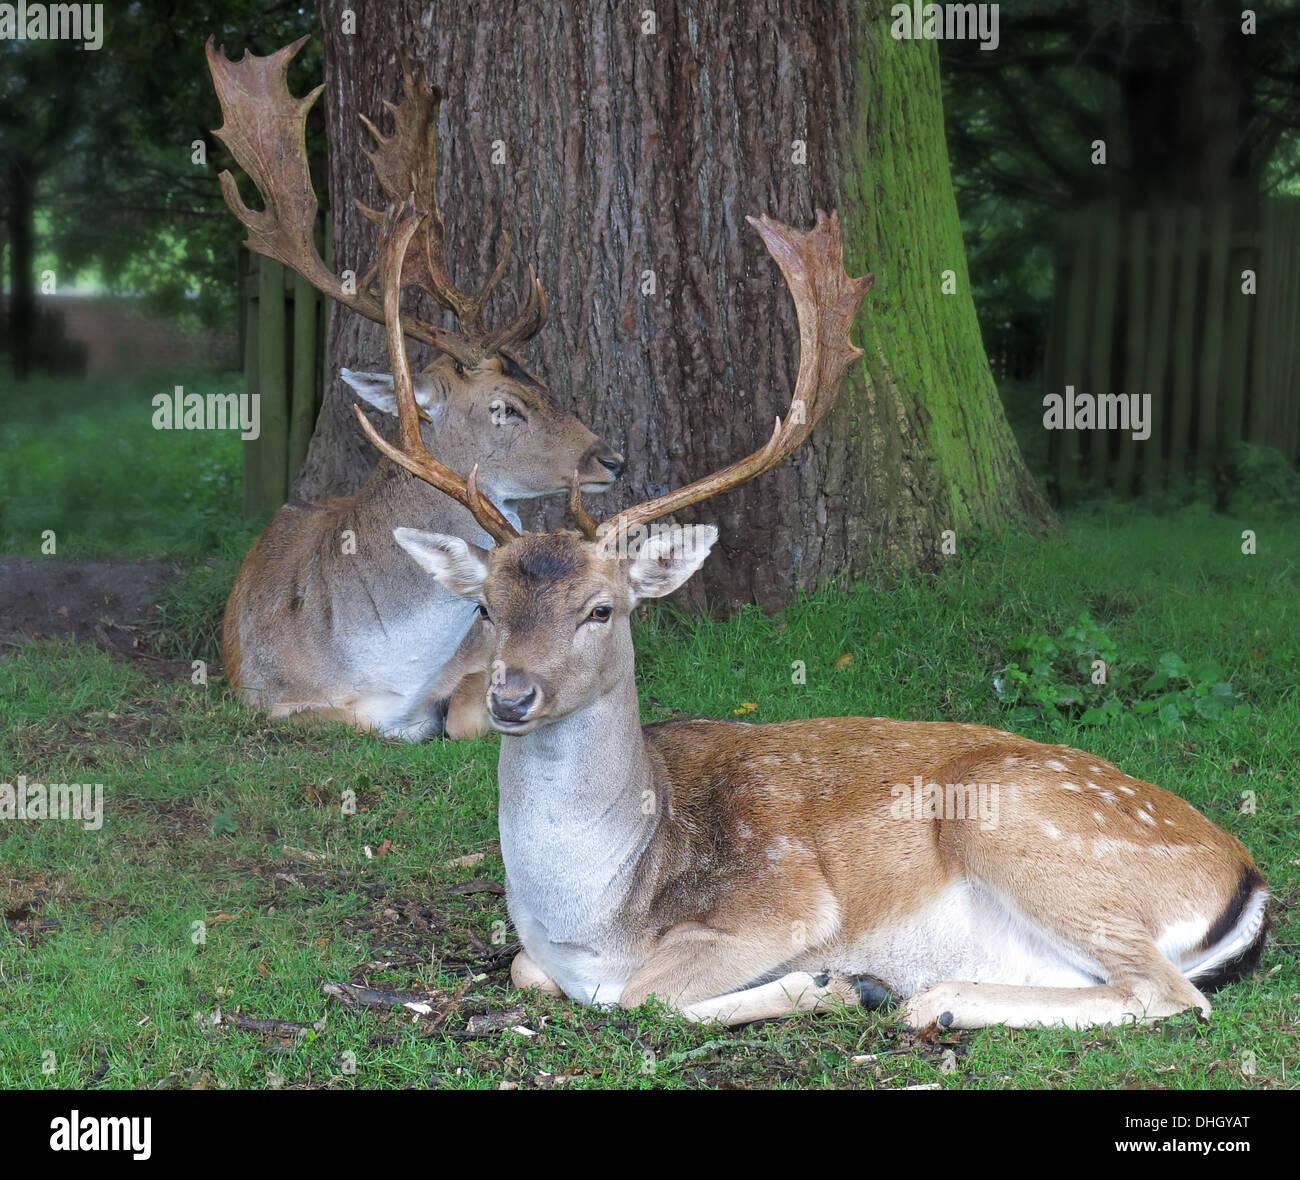 Deer at Dunham Massey, Altrincham, Cheshire, England, UK WA14 4SJ - Stock Image